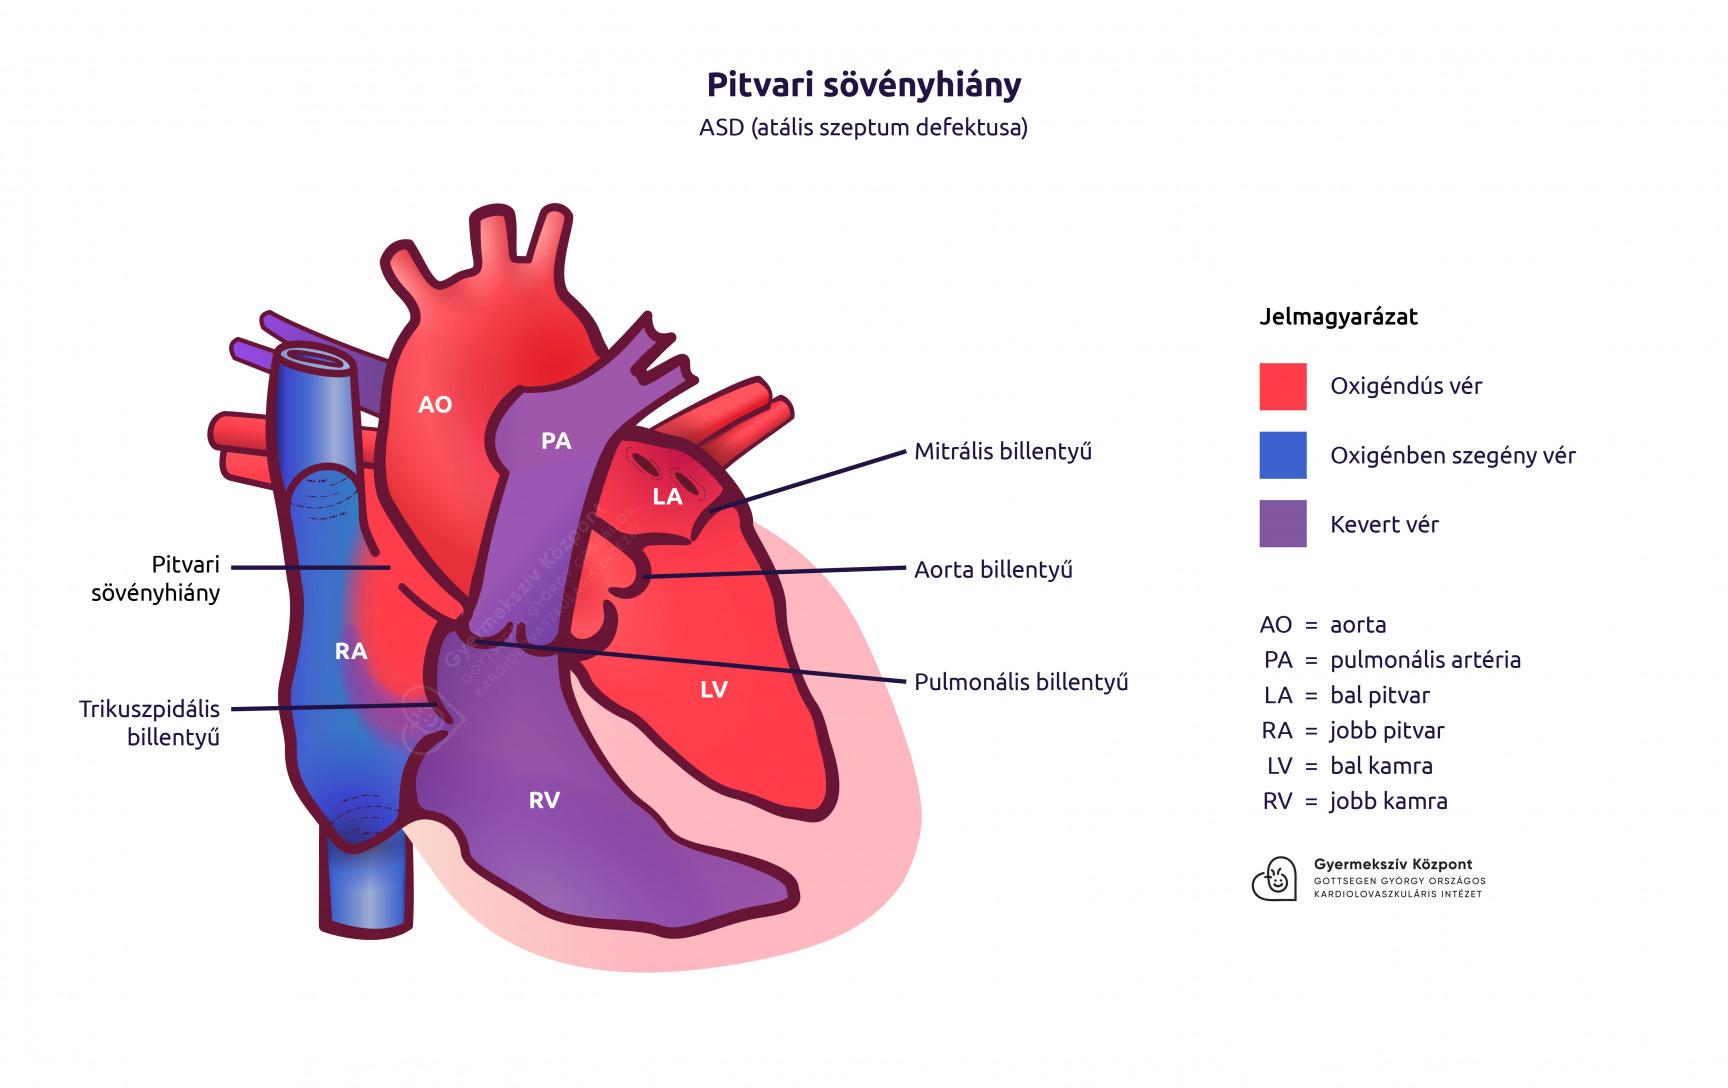 Pitvarfibrilláció tünetei és kezelése - HáziPatika